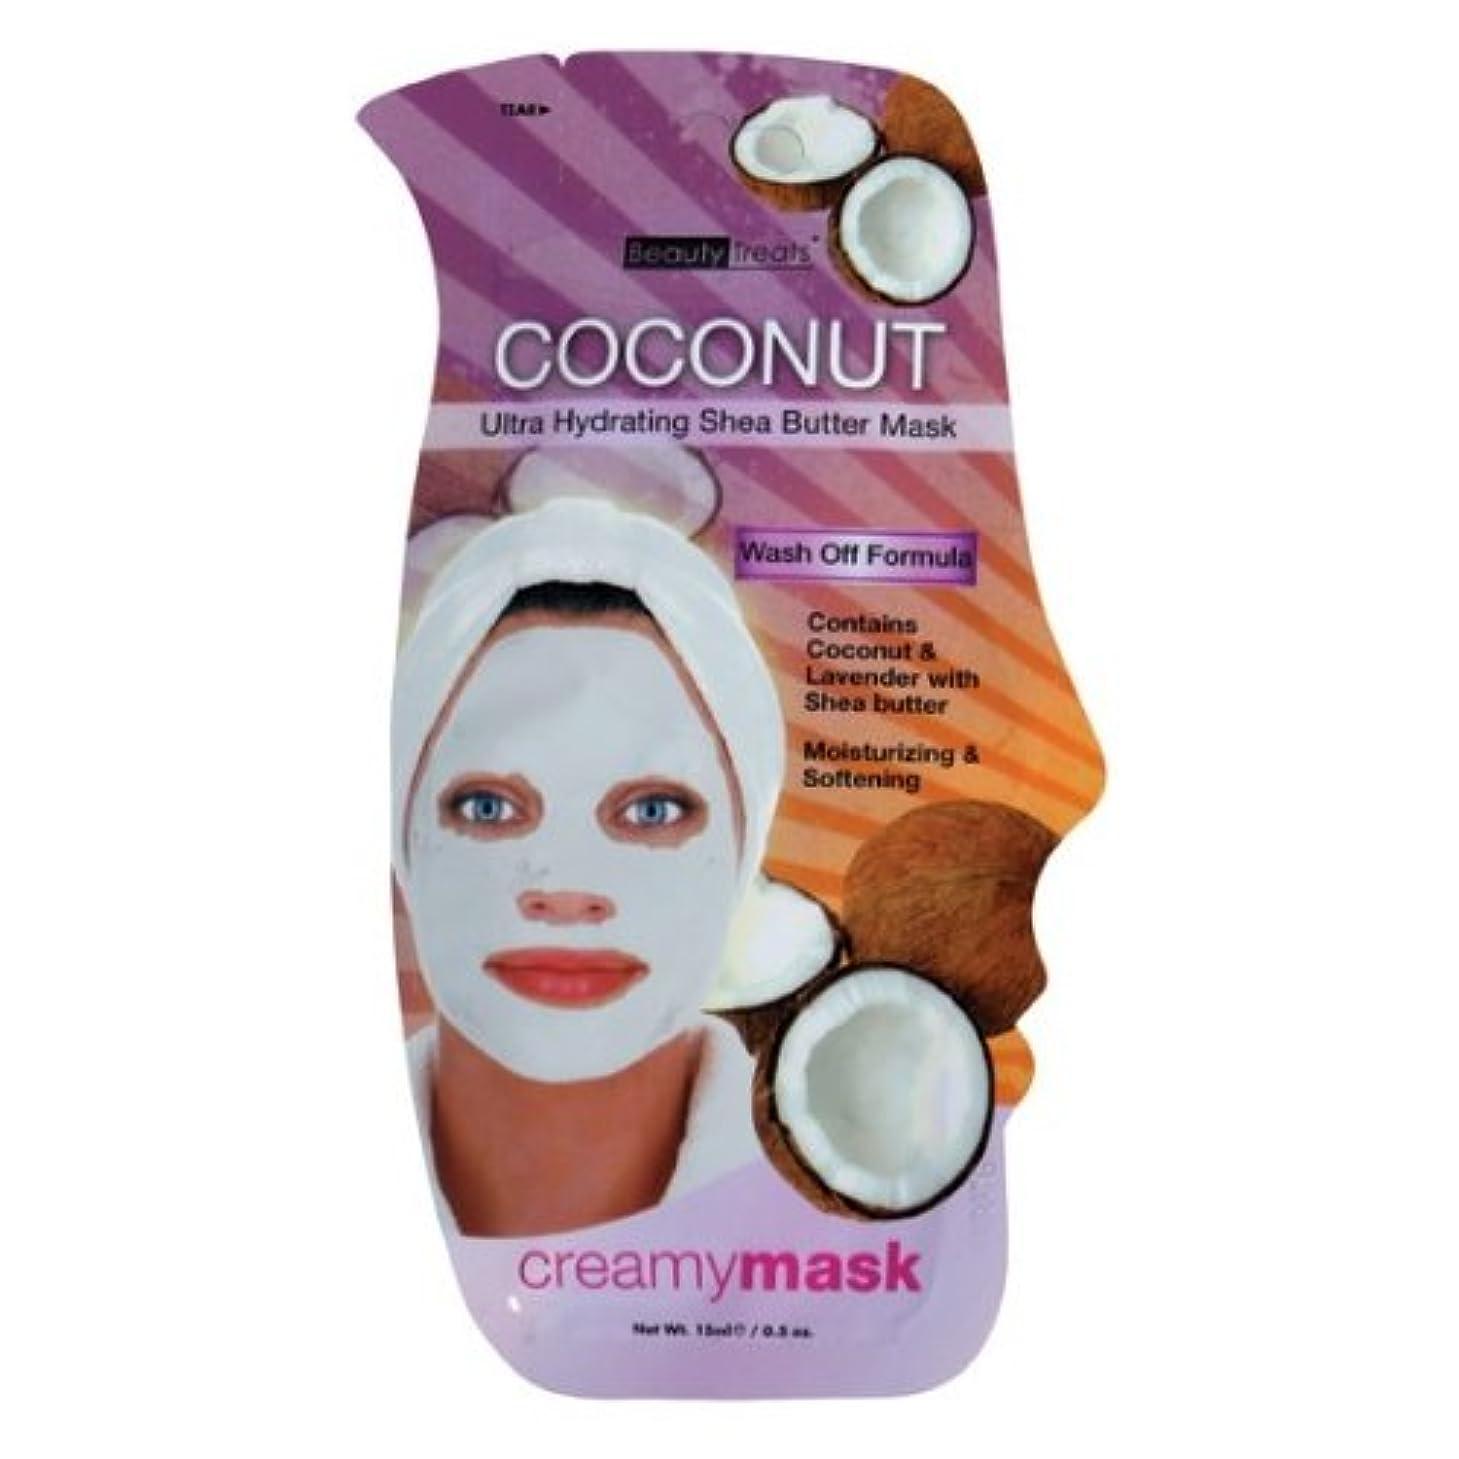 山岳思想コロニー(3 Pack) BEAUTY TREATS Coconut Ultra Hydrating Shea Butter Mask - Coconut (並行輸入品)